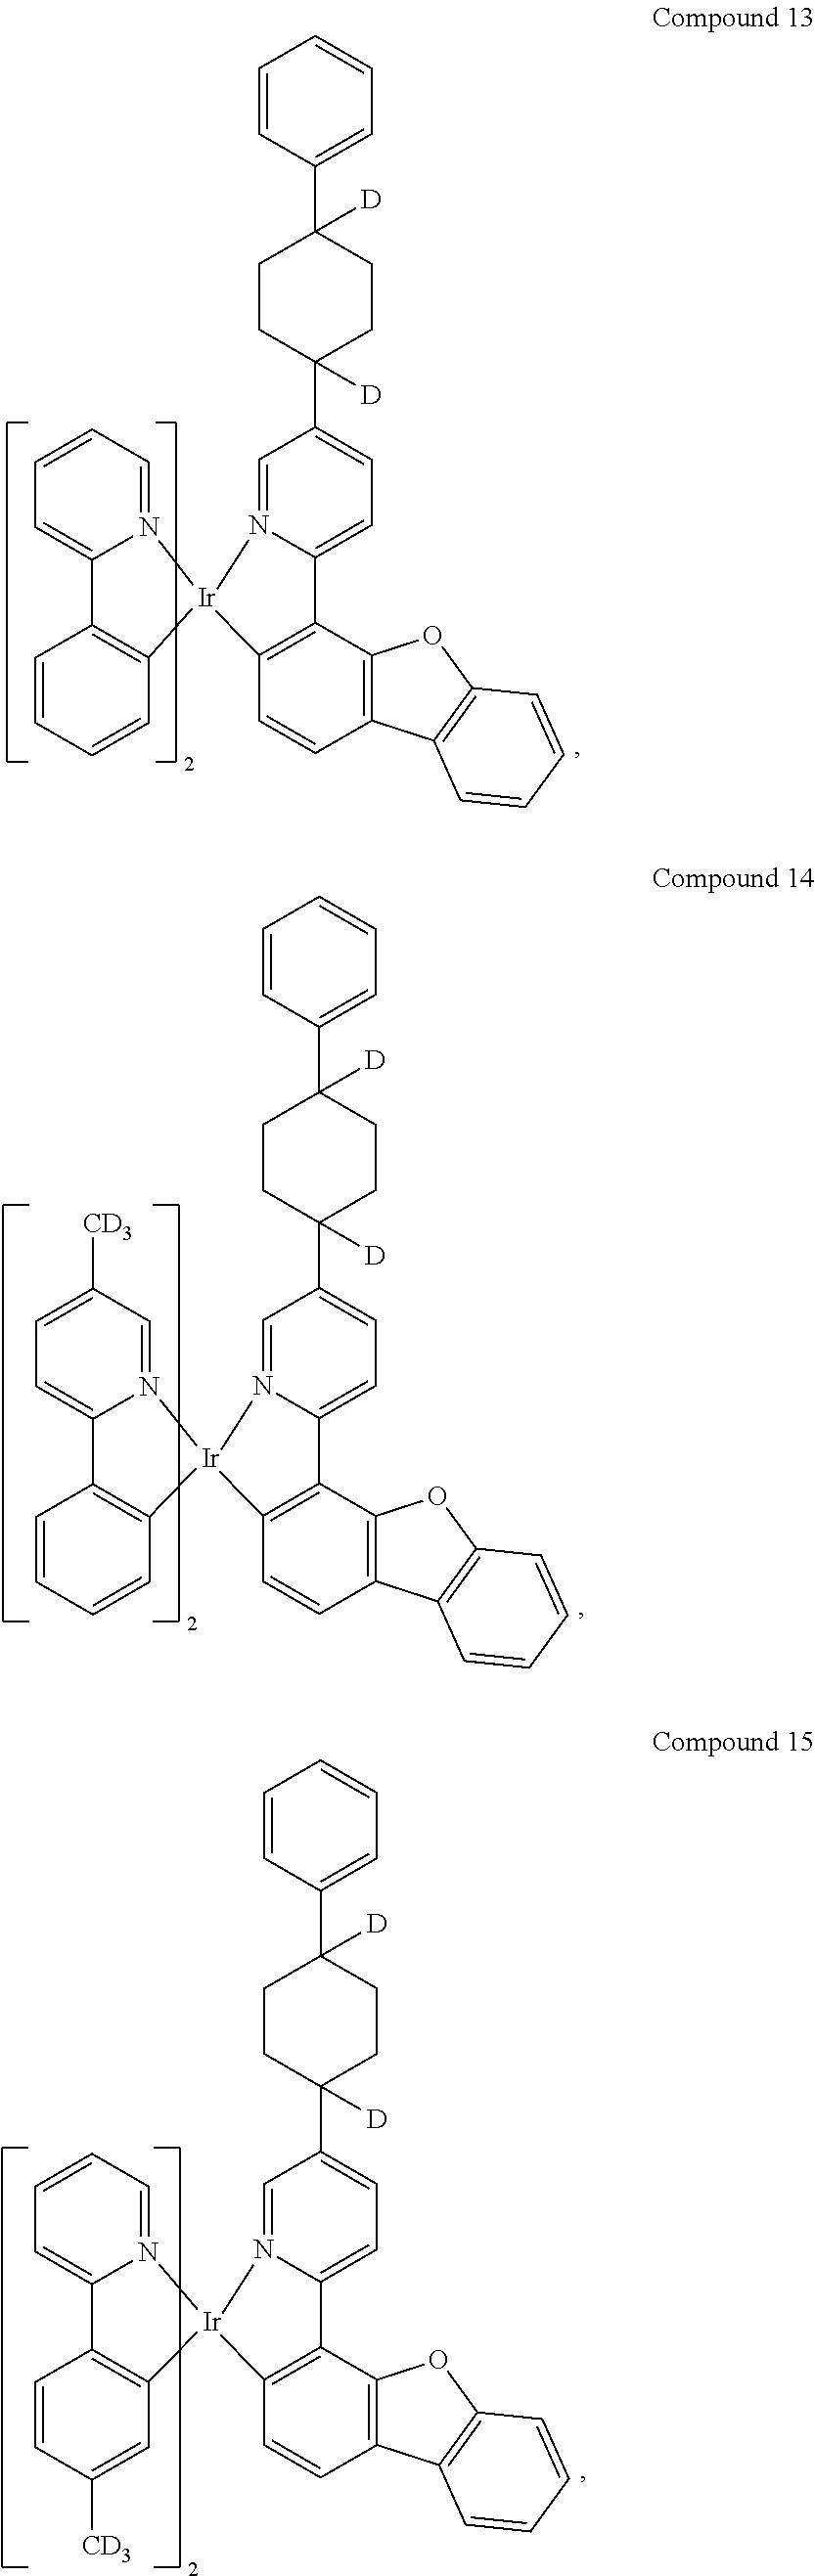 Figure US20180076393A1-20180315-C00025